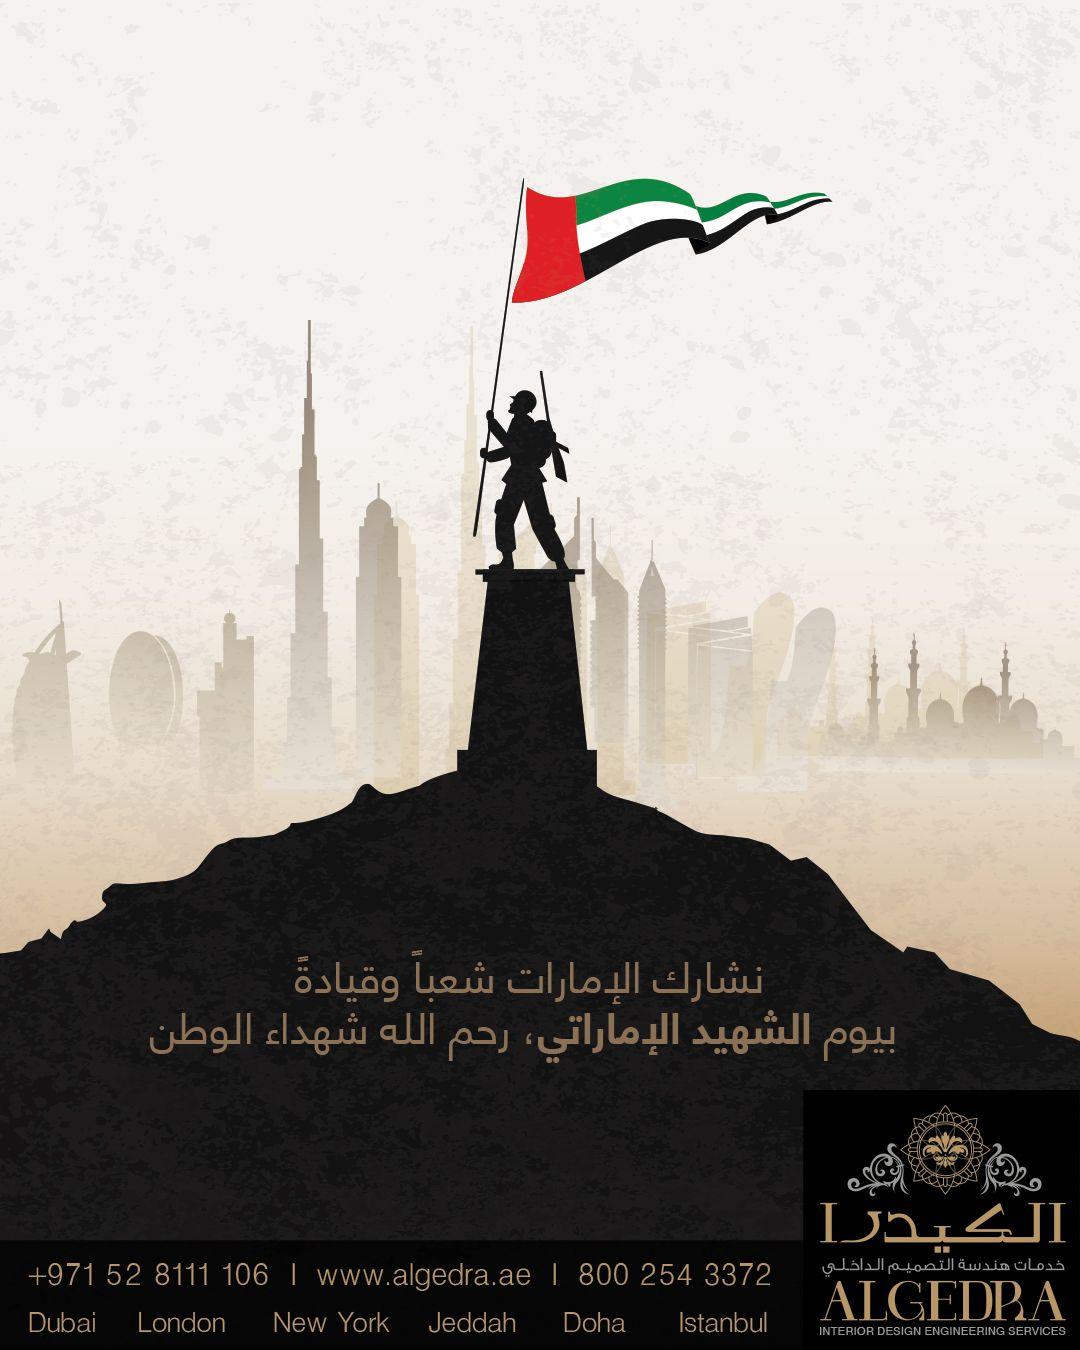 نشارك الإمارات شعبا وقيادة بيوم الشهيد الإماراتي رحم الله شهداء الوطن يوم الشهيد الإمارات ذكرى الشهداء دبي أبوظبي الشارقة Jeddah Dubai Movie Posters